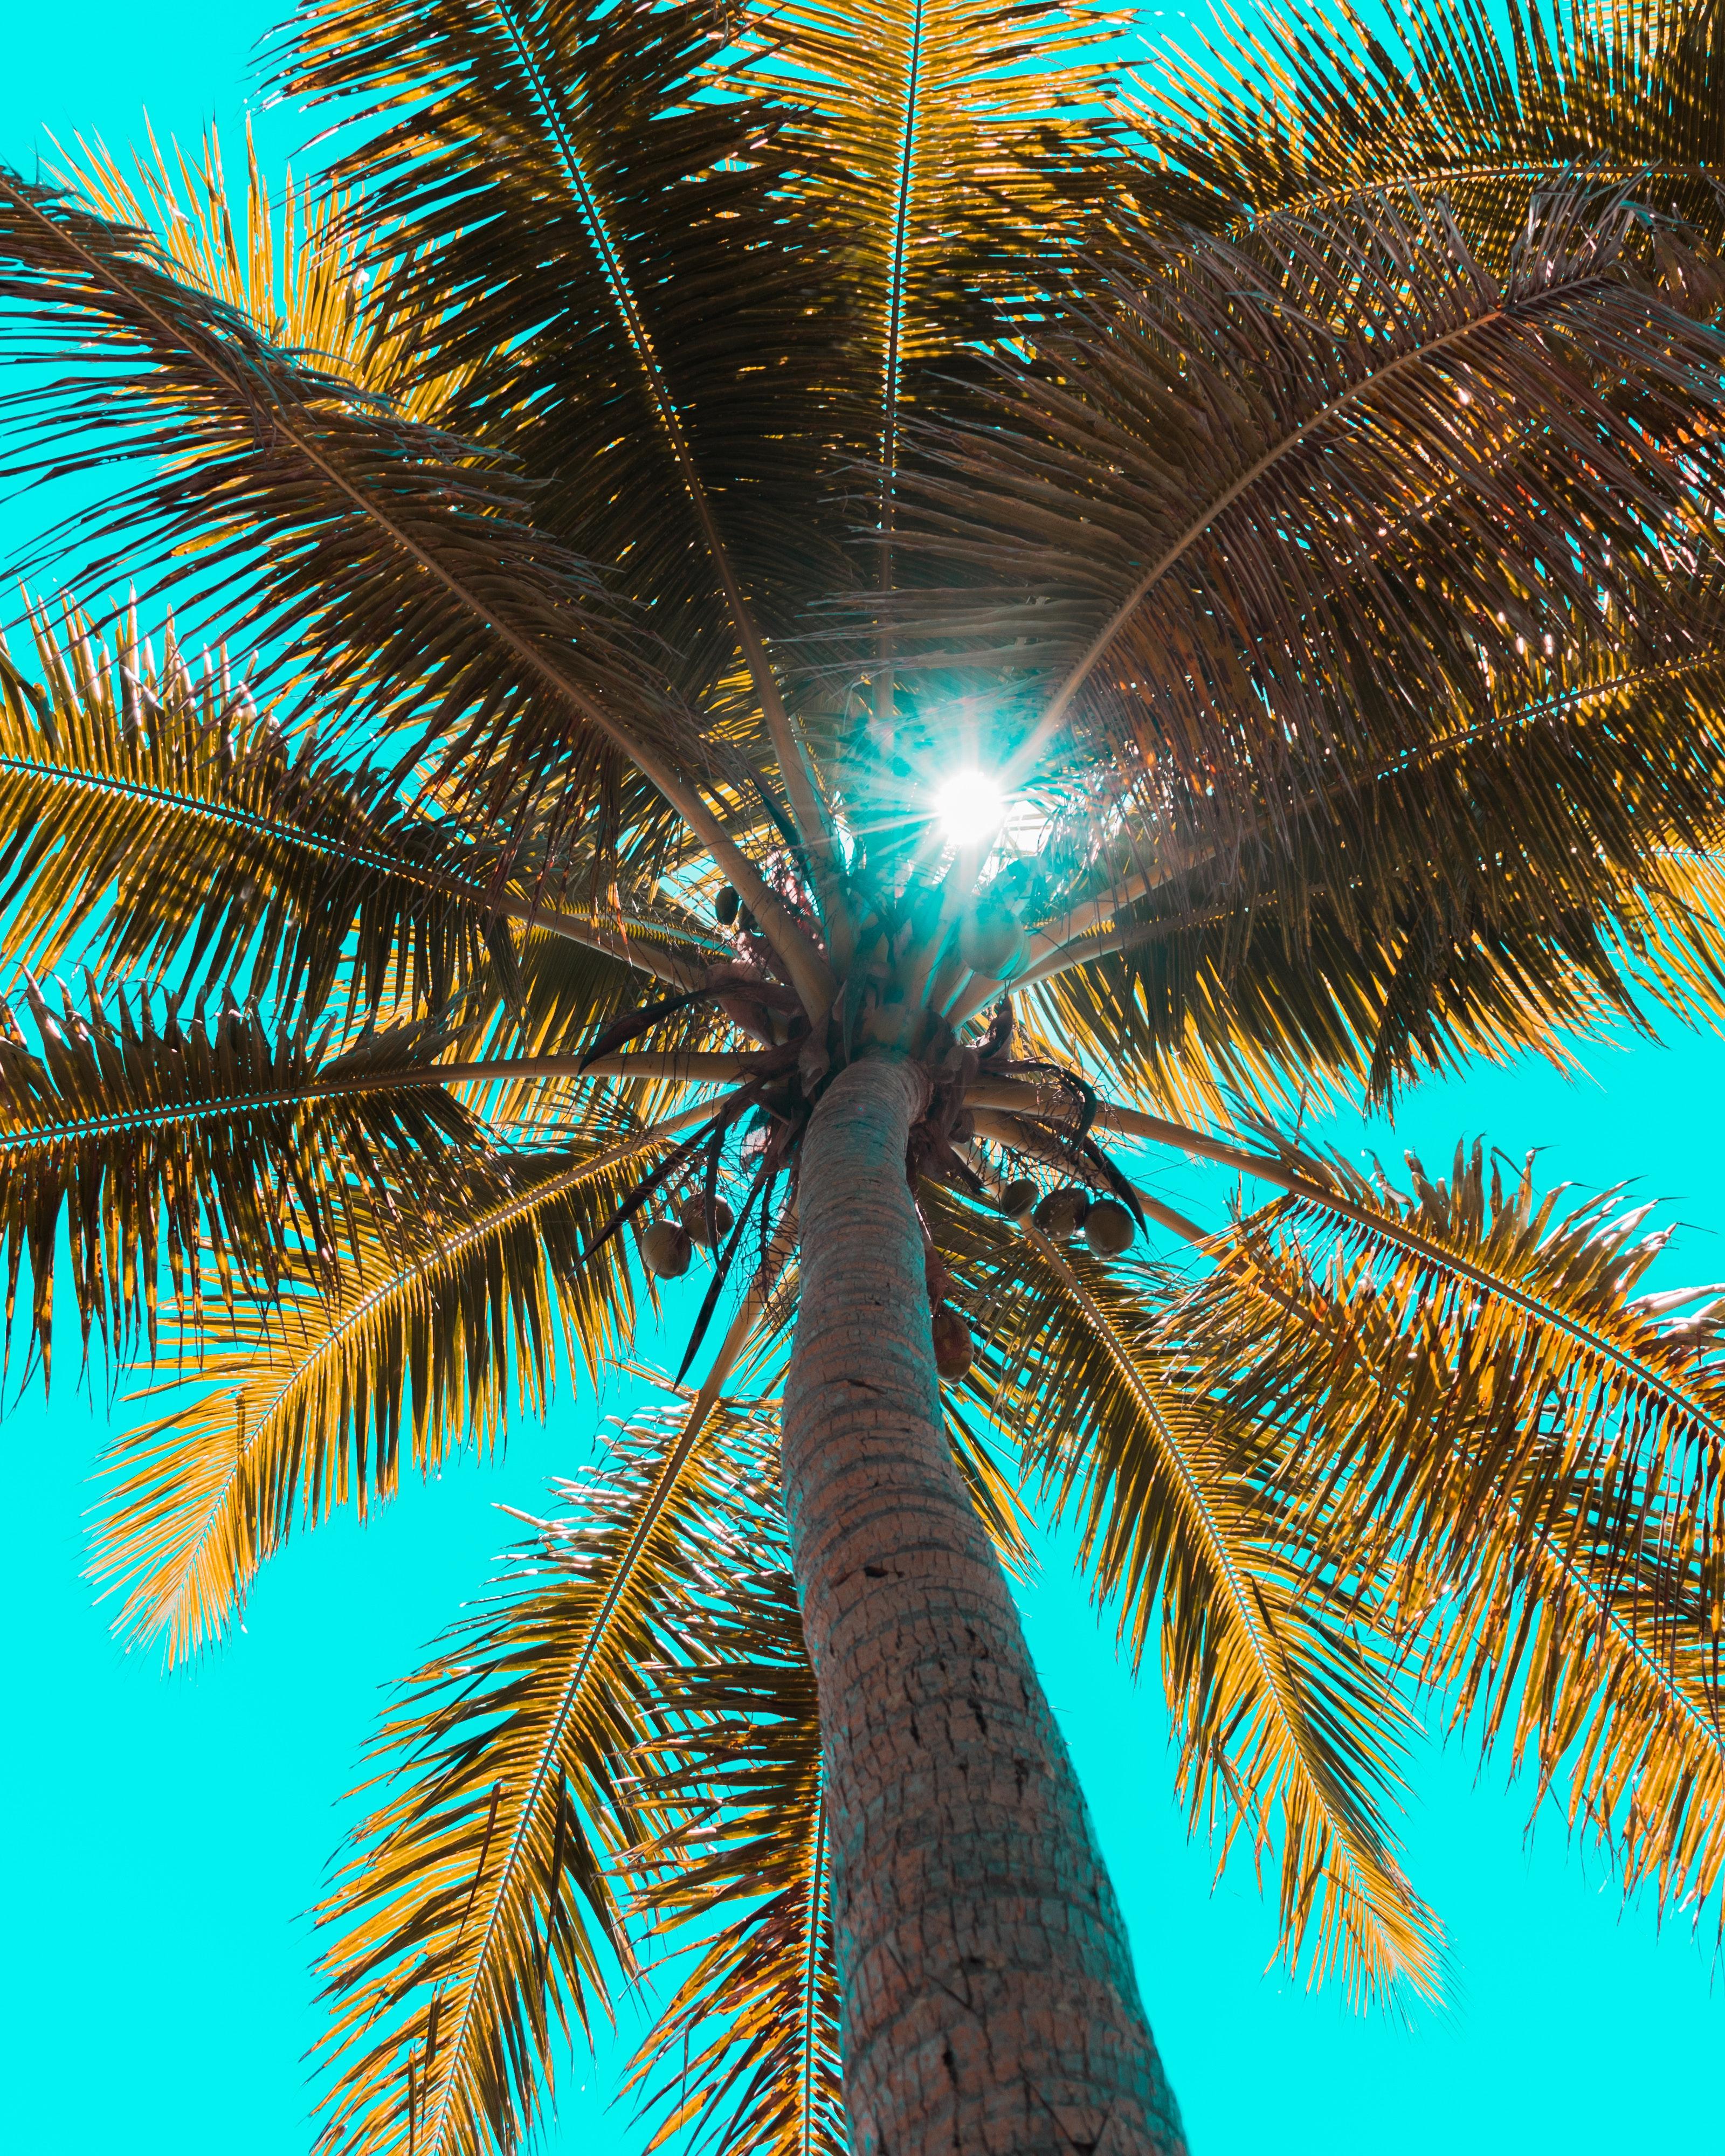 Cây dừa nhìn từ dưới lên trên tán rộng